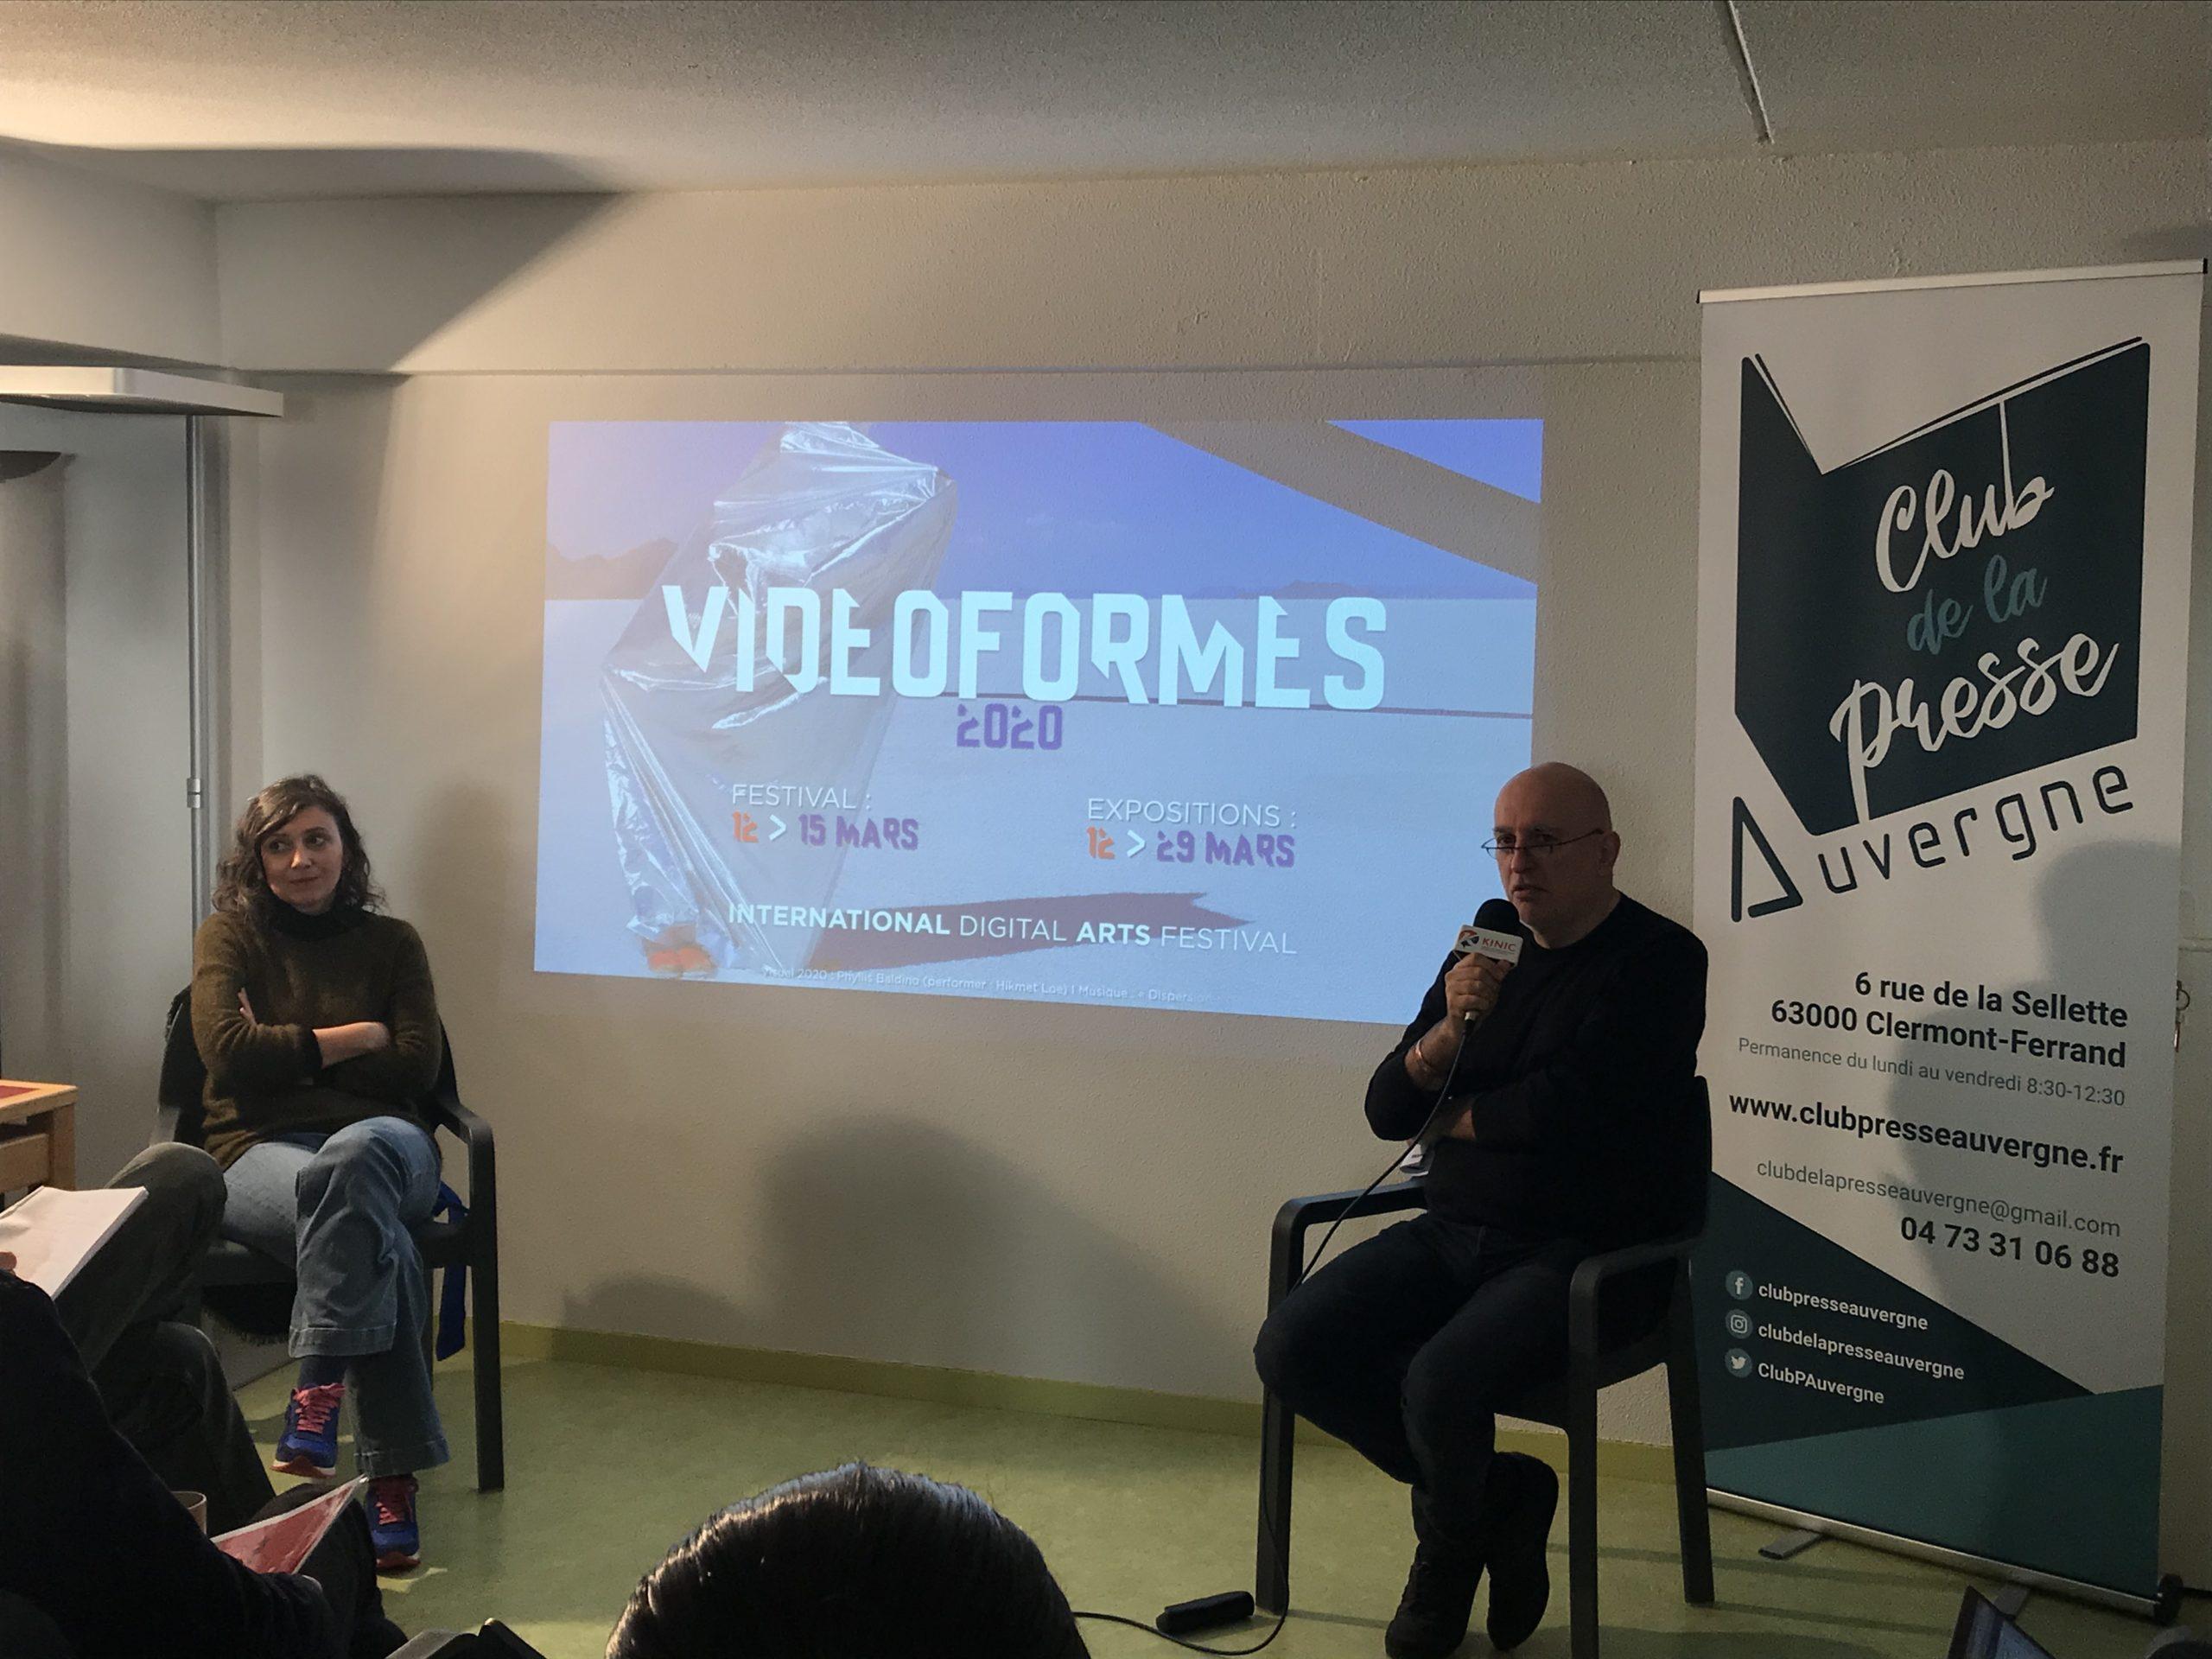 L'agence Kinic revient pour Videoformes 2020